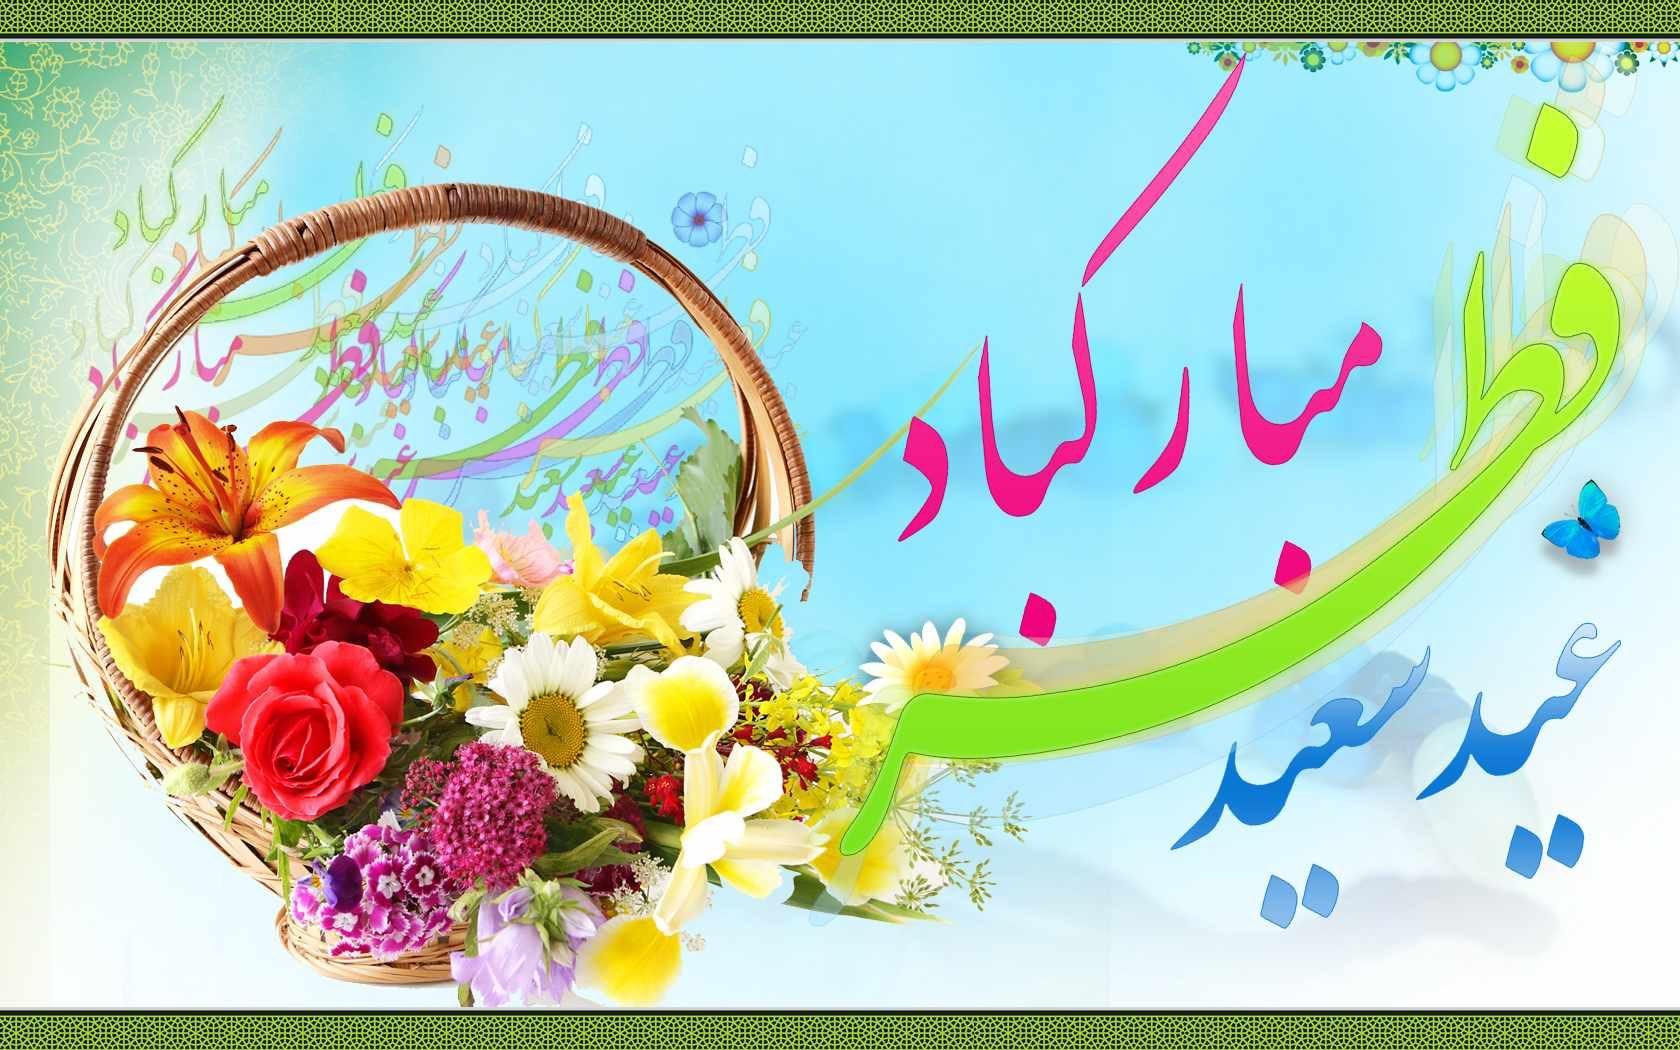 عکس نوشته تبریک به مناسبت عید فطر